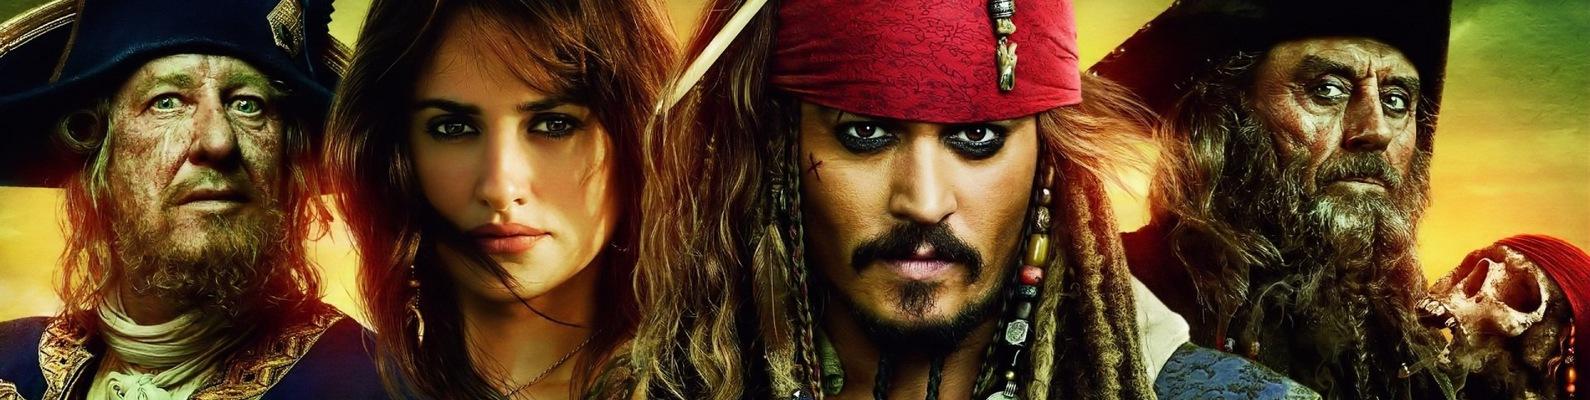 фото из пираты помоги ответа знают дорохину многим